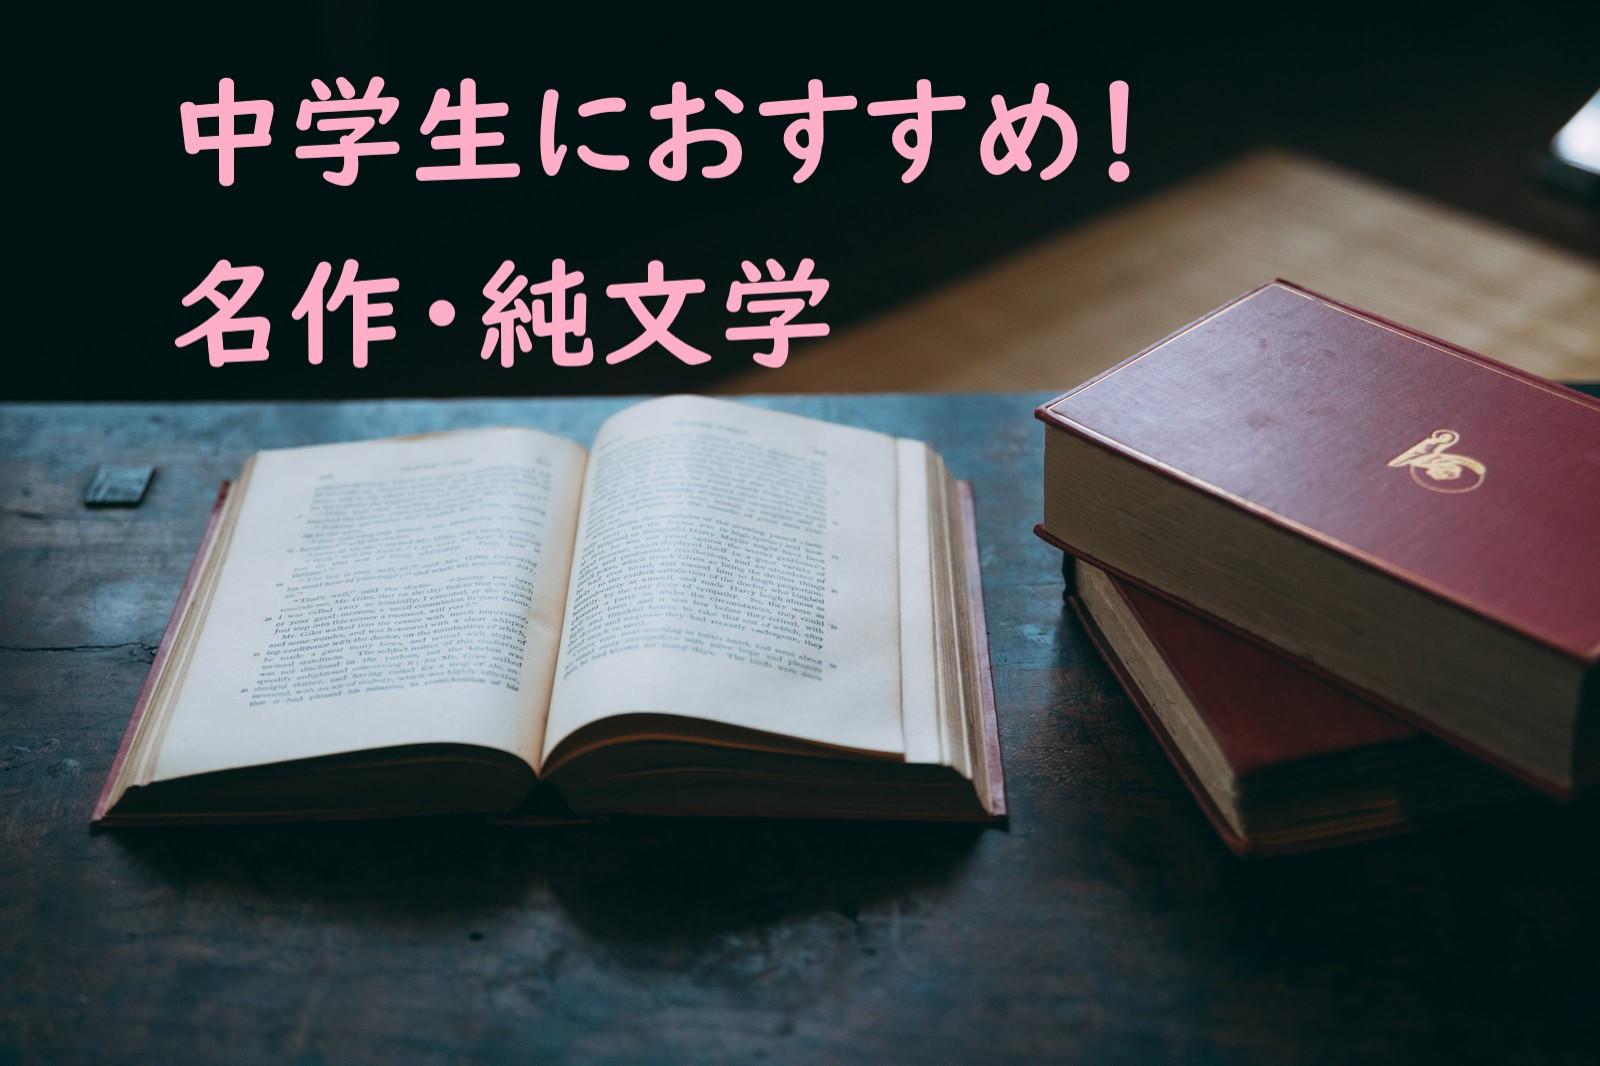 中学生におすすめ!名作・純文学